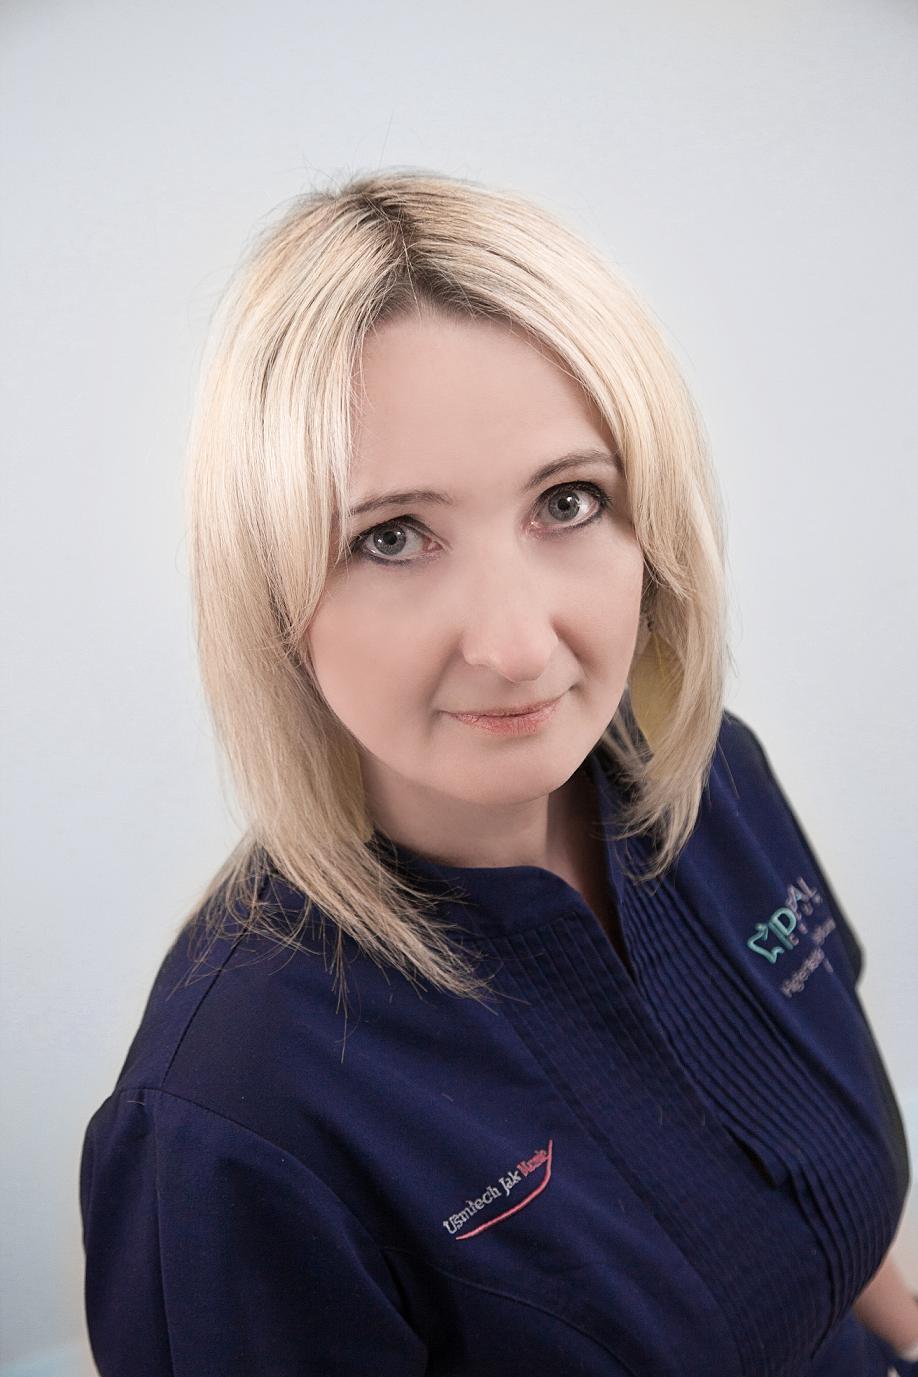 ALEKSANDRA KUTZ Dyplomowana Higienistka i Asystentka Stomatologiczna - _MG_2158(2)